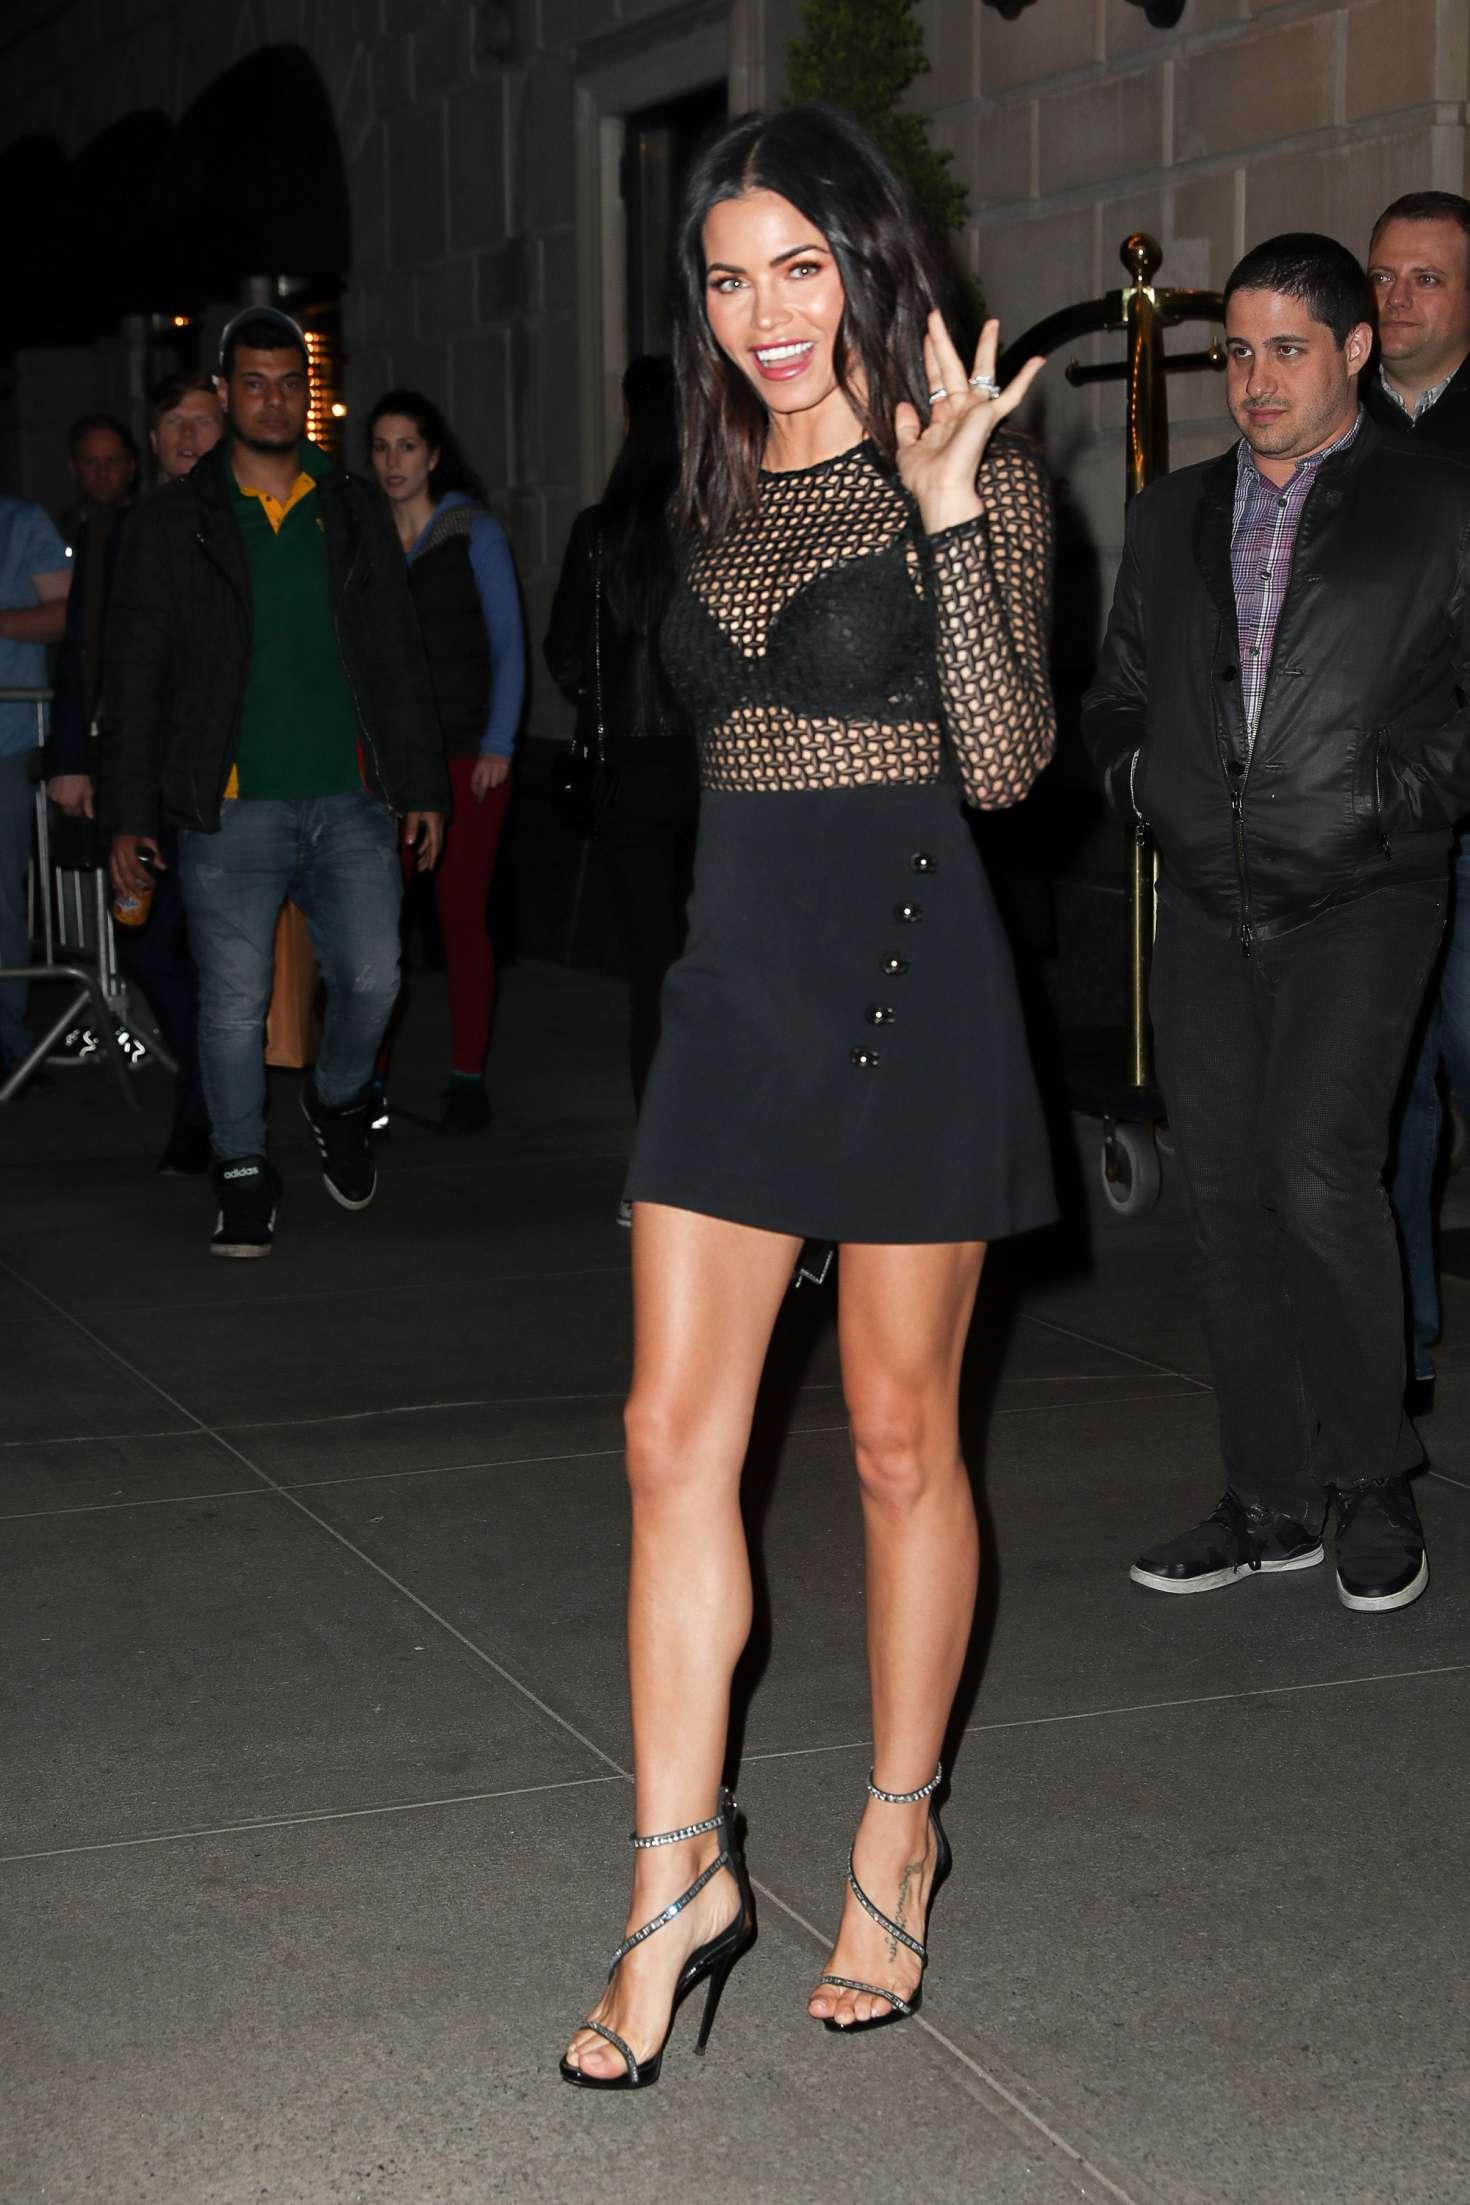 Jenna Dewan Tatum 2017 : Jenna Dewan Tatum Leaving her hotel -05